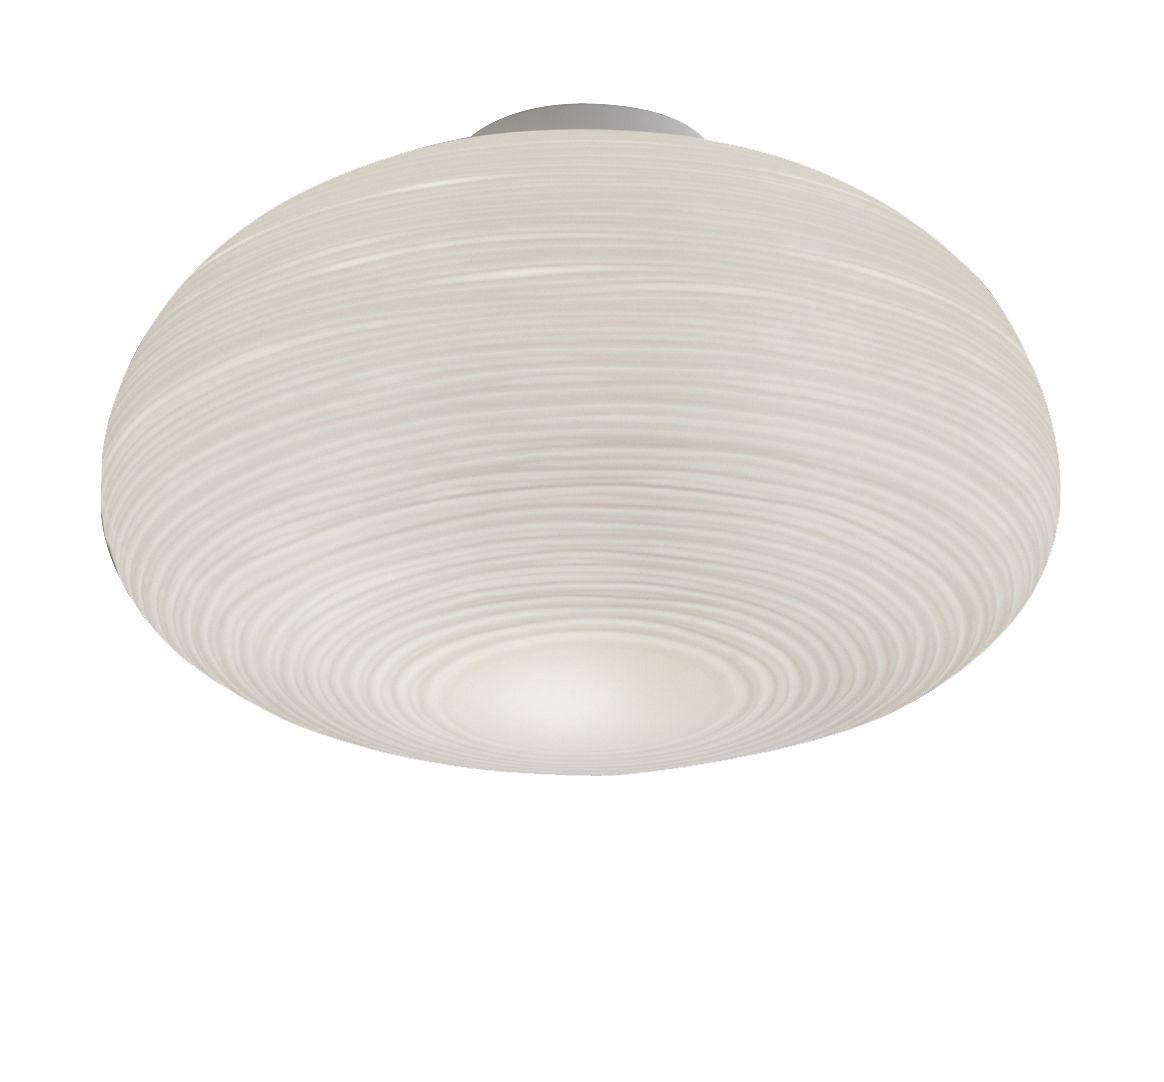 Illuminazione - Lampade da parete - Plafoniera Rituals 2 - / Ø 34 x H 21 cm di Foscarini - Bianco / Ø 34 x H 21 cm - metallo laccato, Vetro soffiato a bocca